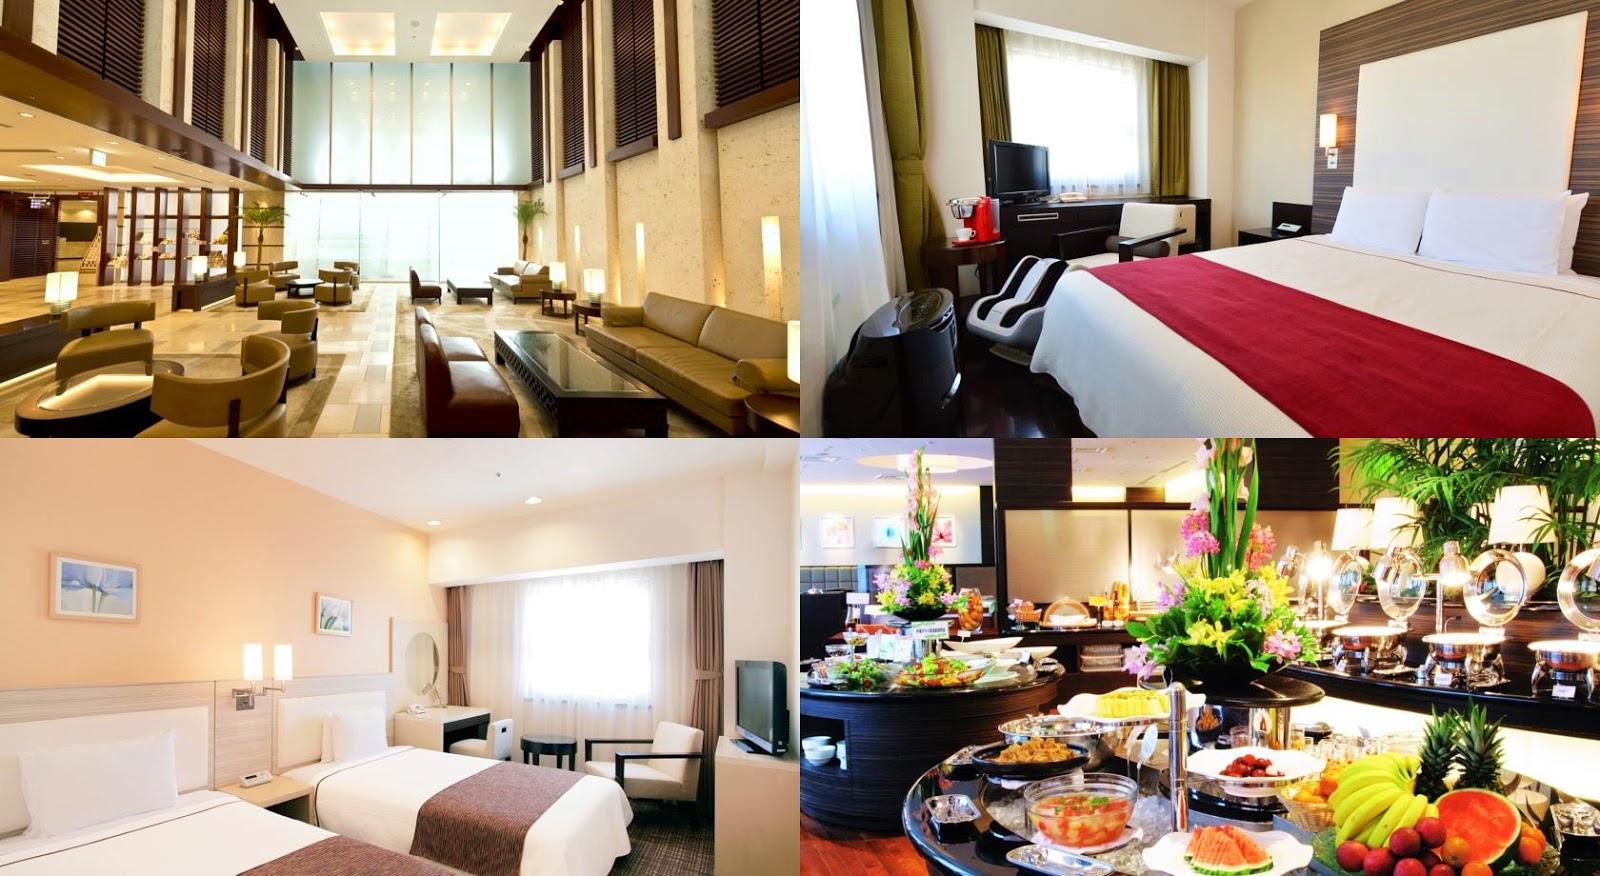 沖繩-住宿-推薦-飯店-旅館-民宿-公寓-那霸-日航城市酒店-Hotel-JAL-City-Naha-Okinawa-hotel-recommendation